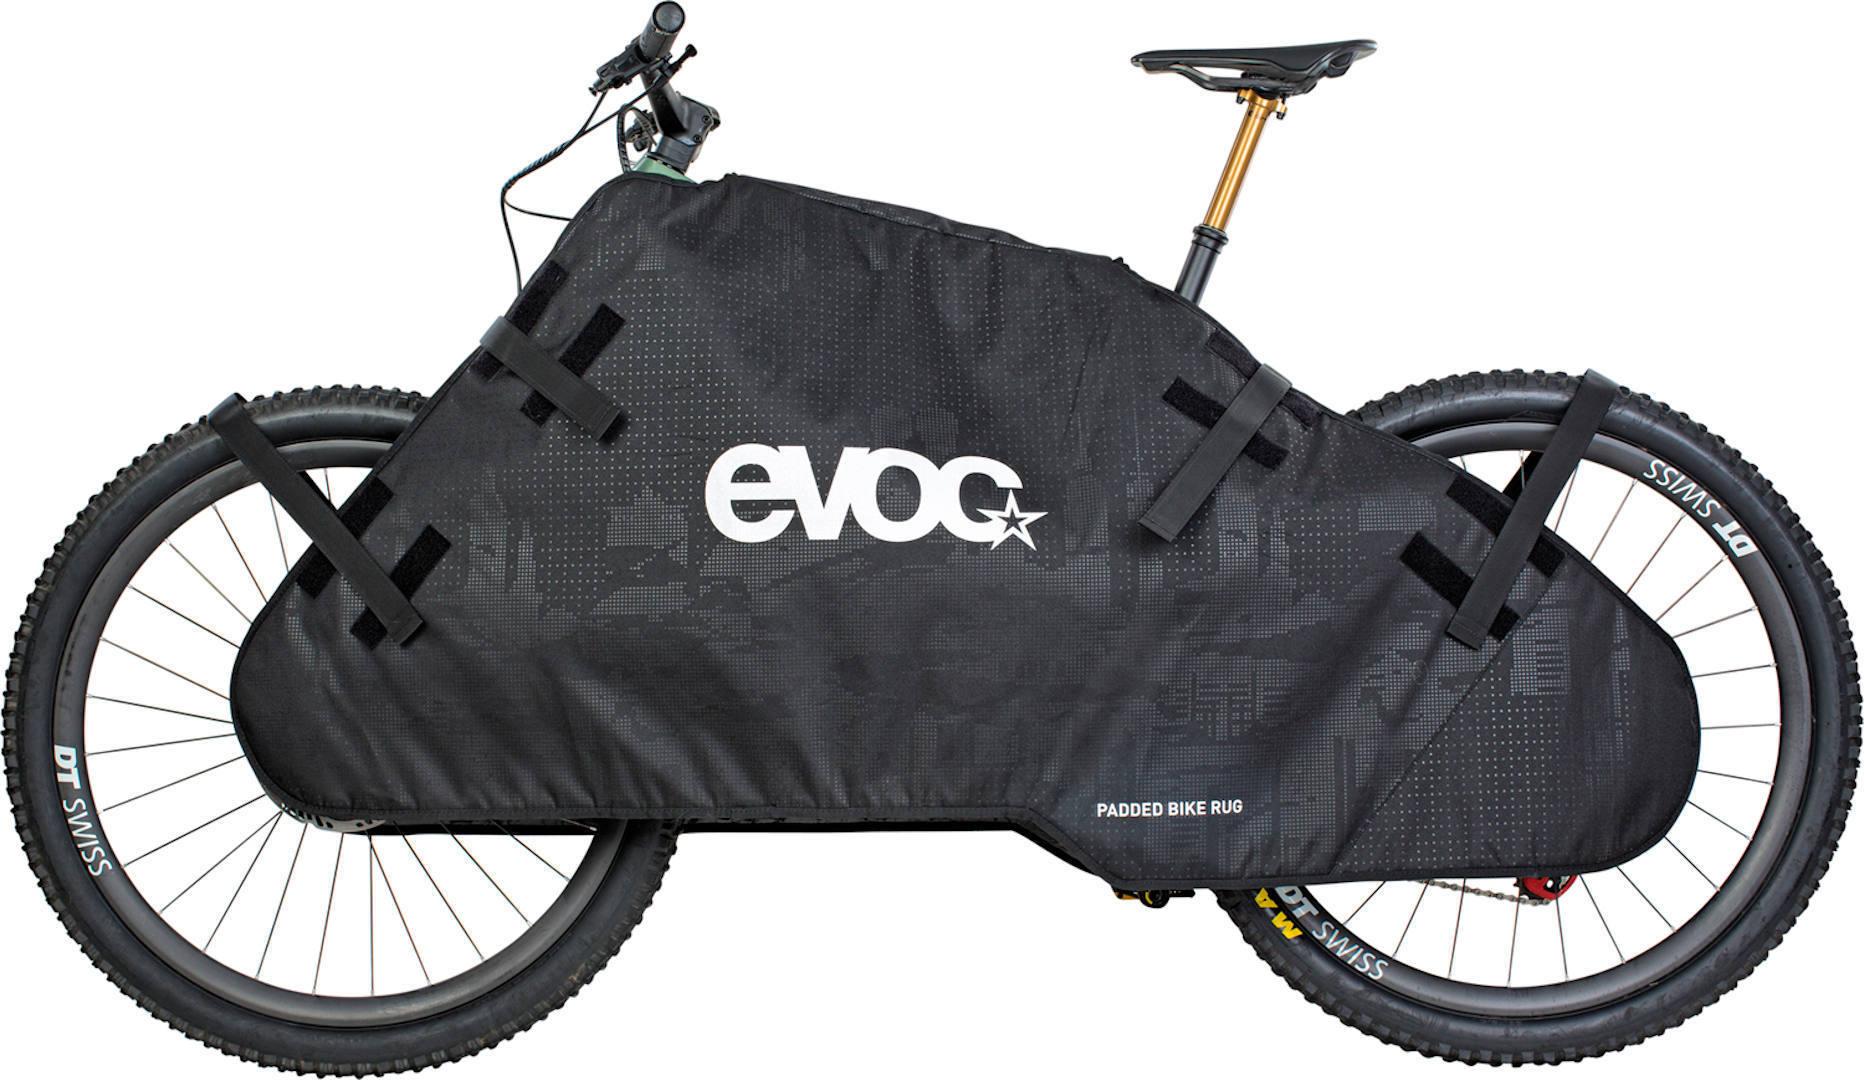 Evoc Padded Bike Rug Dekning for transport Svart en størrelse